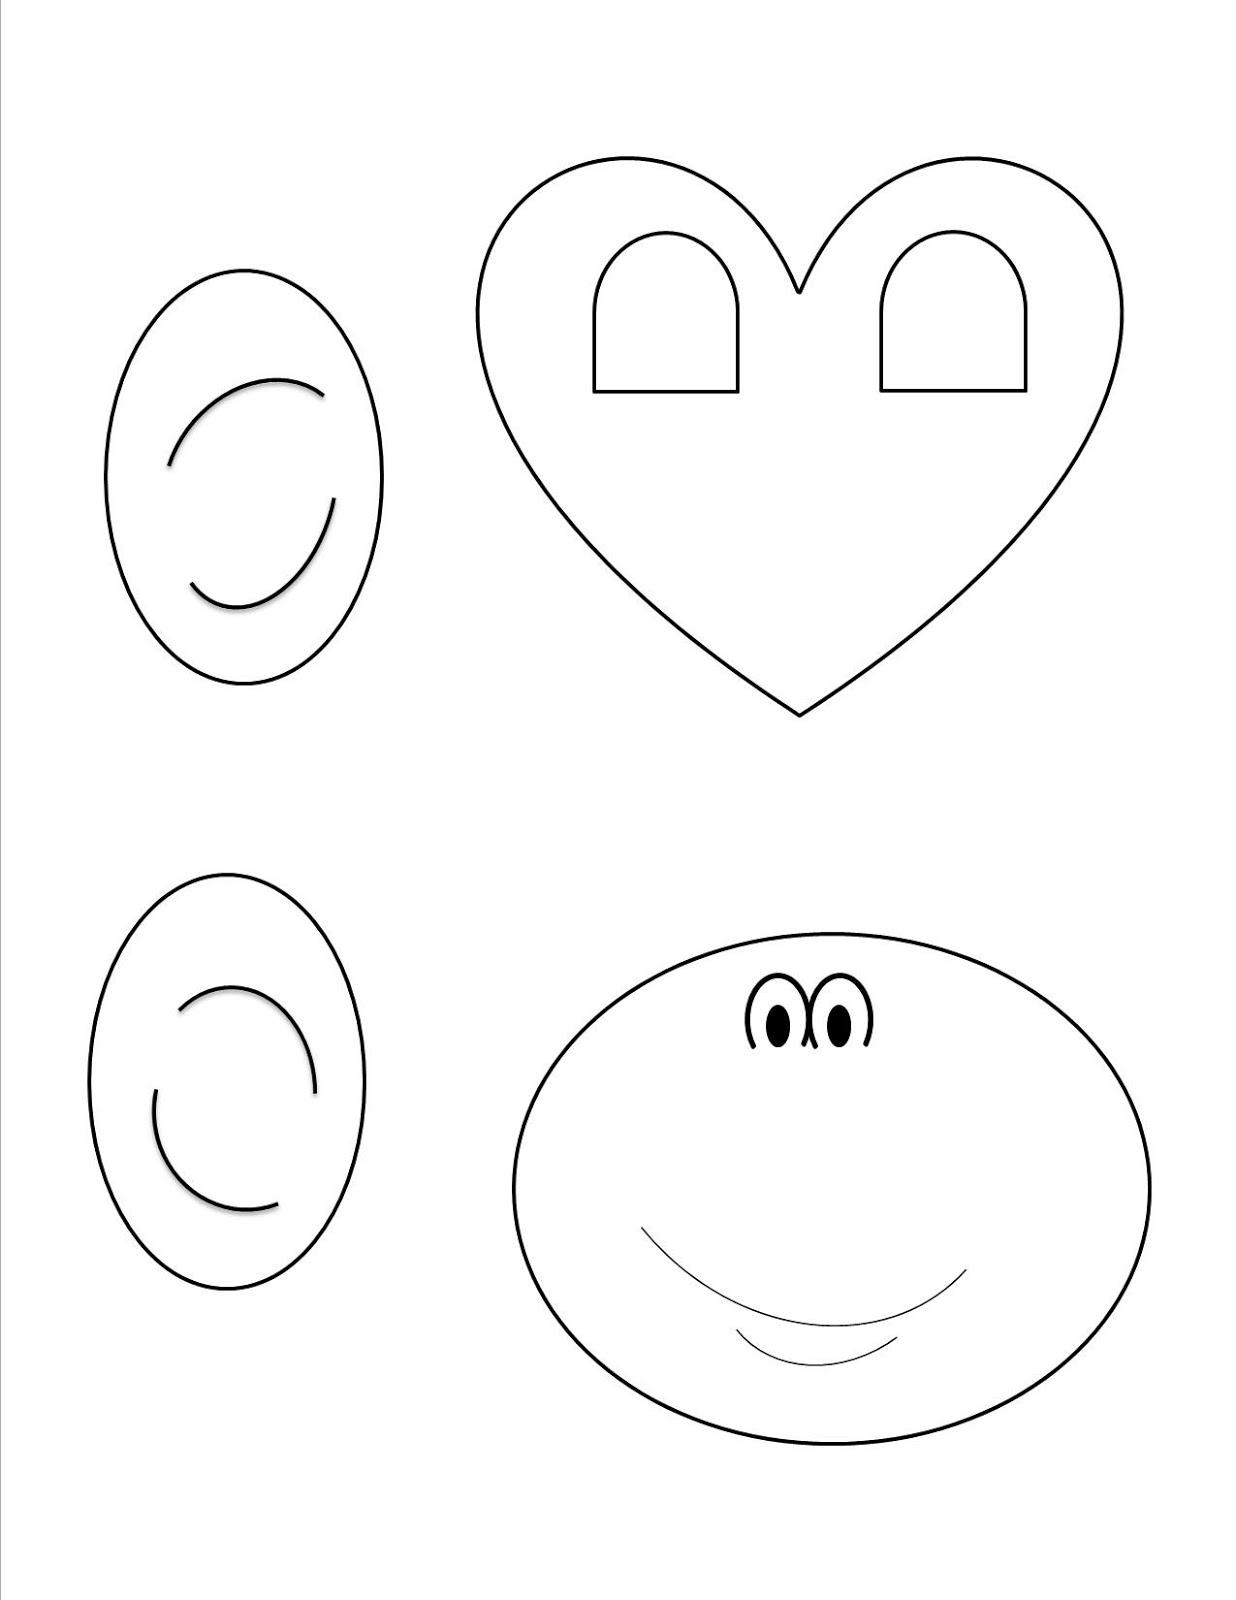 McMurry Education C & I Dawgs: Monkey Masks